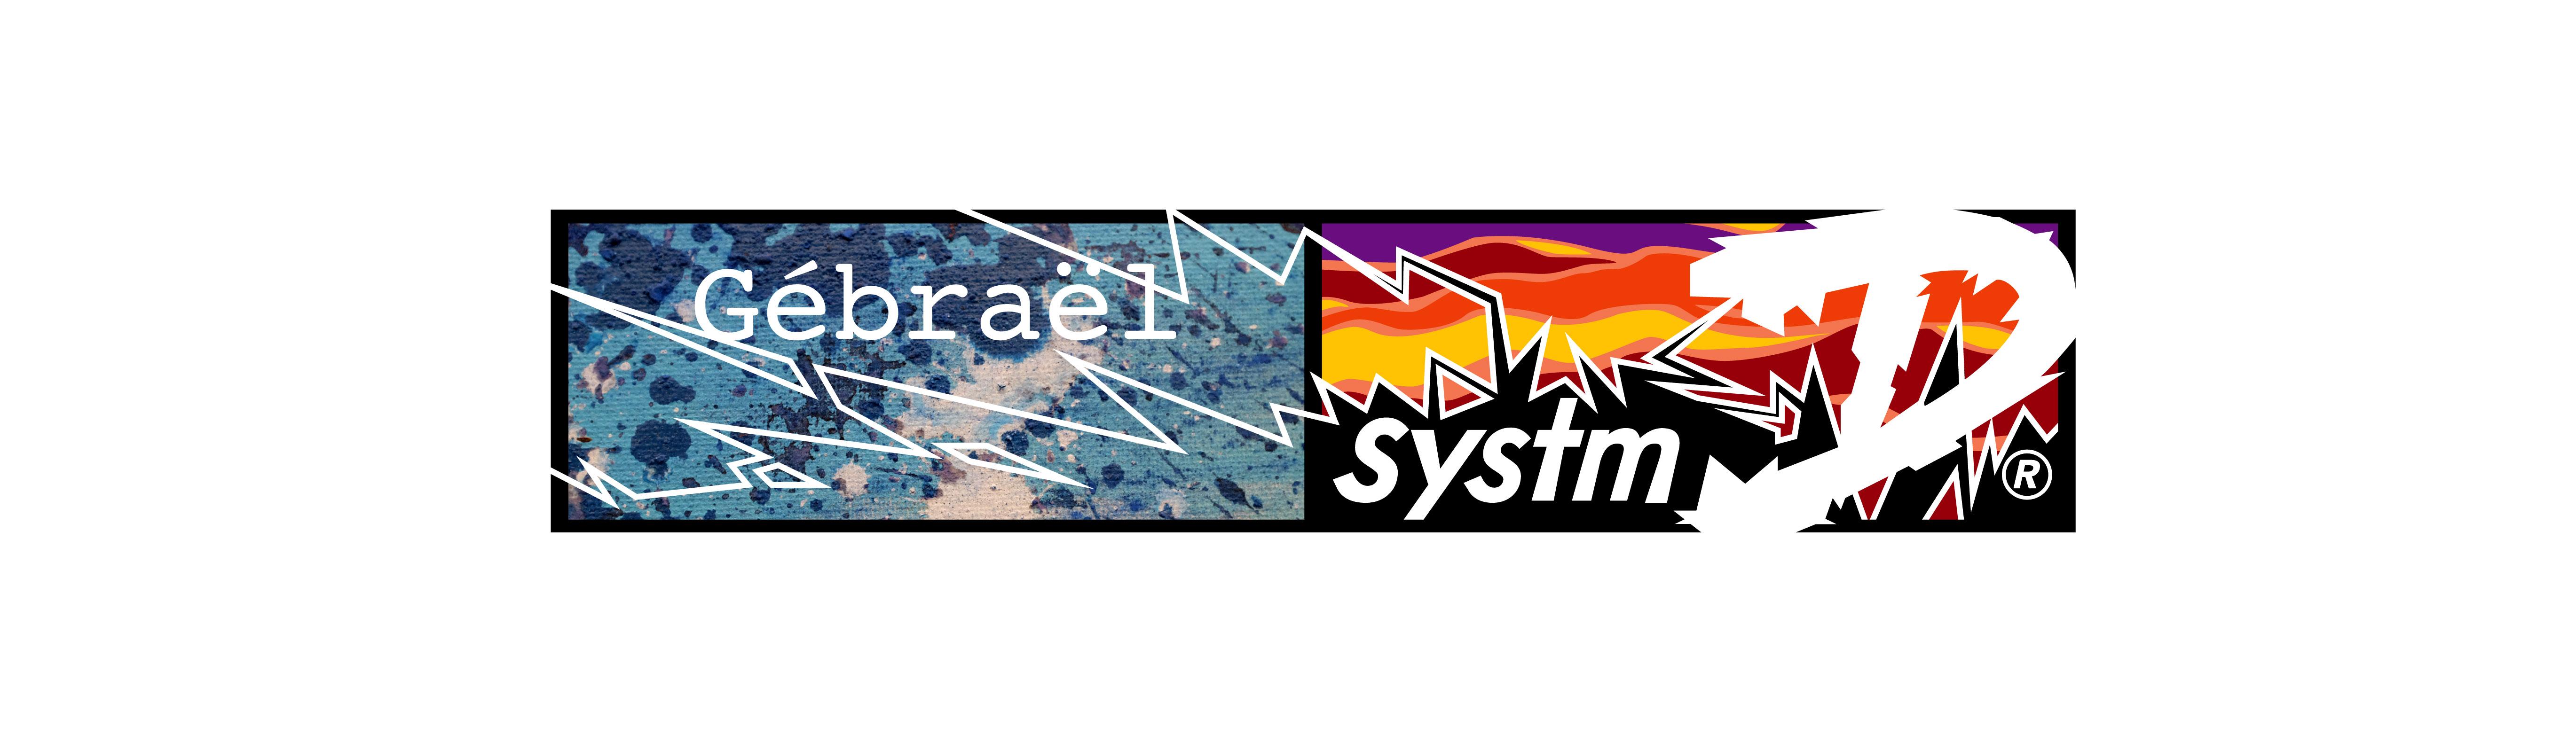 Gebrael – SystmD